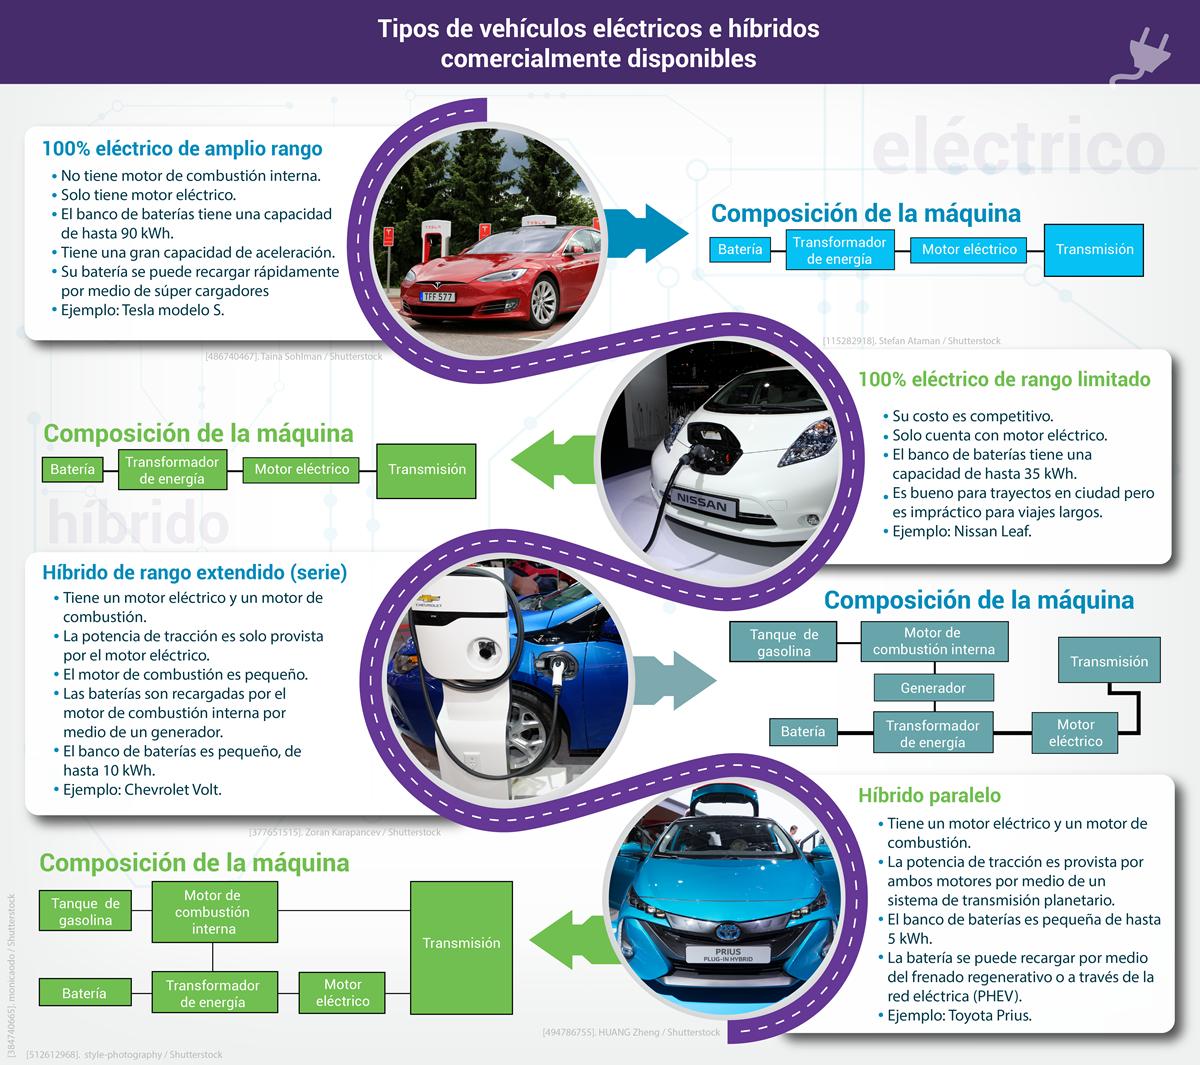 Tipos de vehiculos electricos